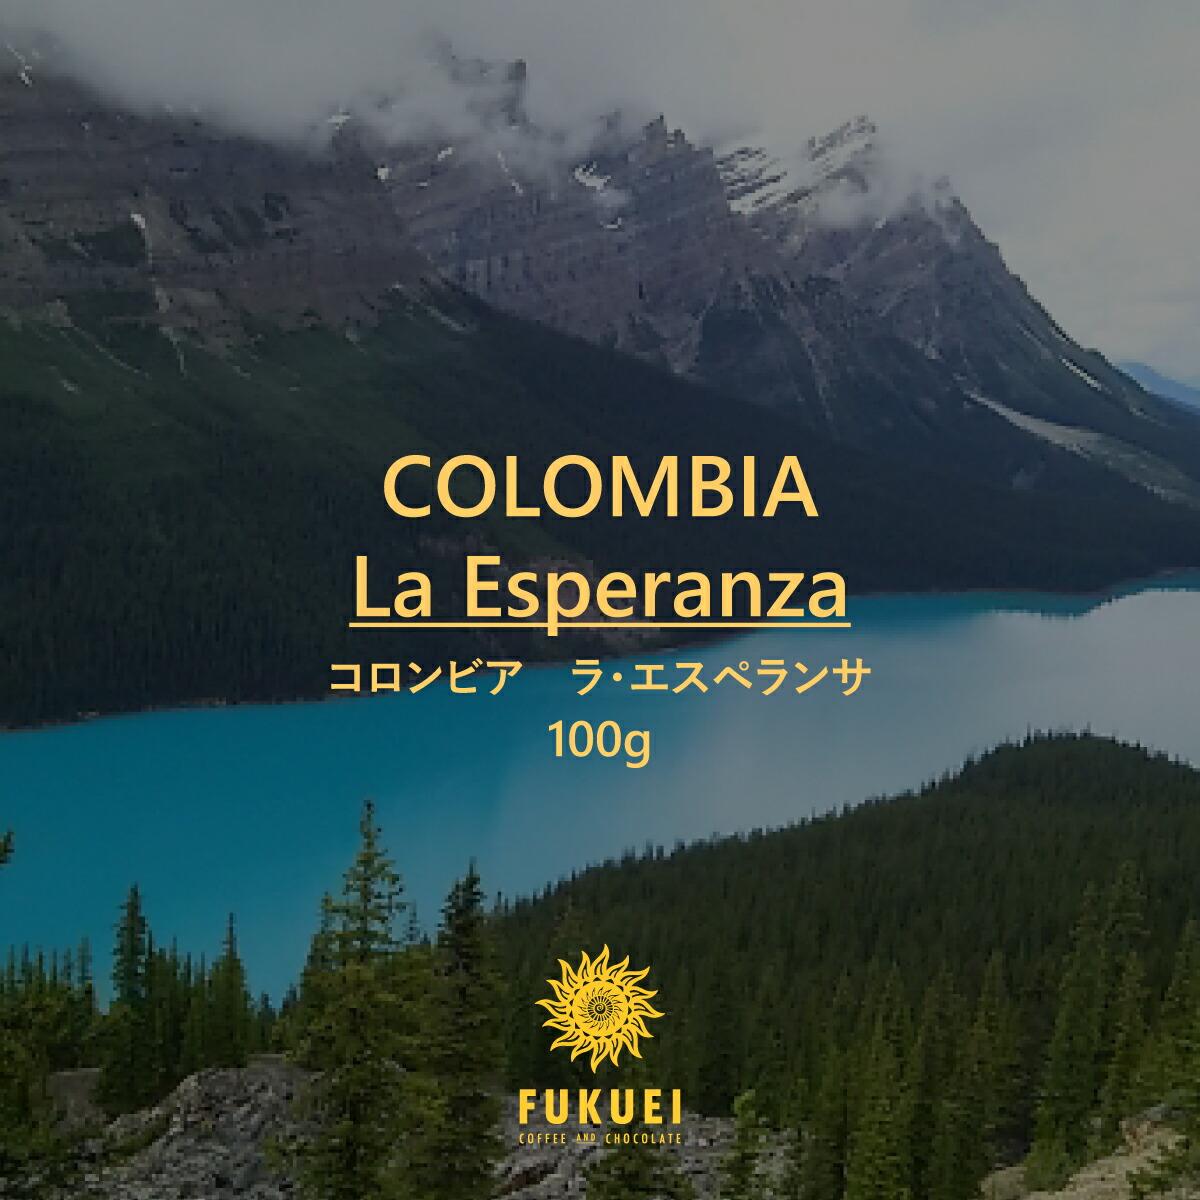 コロンビア エスペランサ